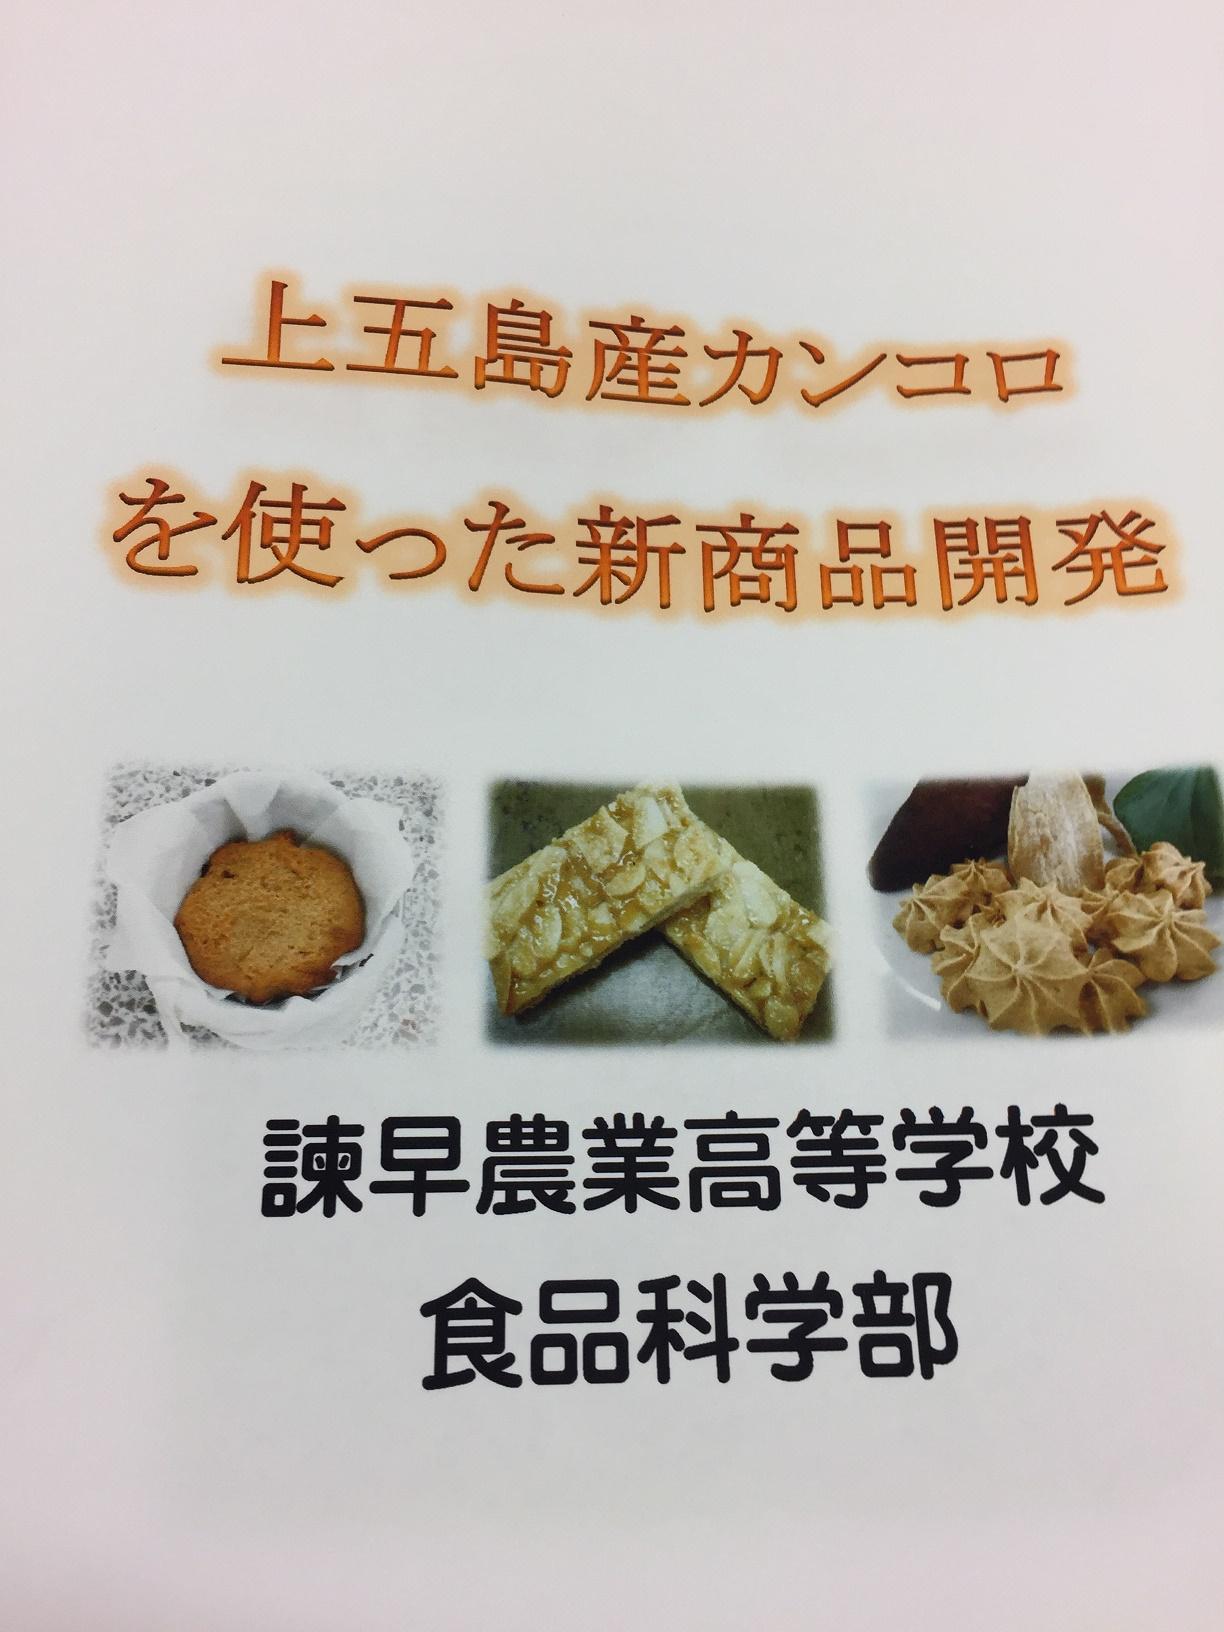 県立諫早農業高校によるカンコロ菓子商品開発PJ